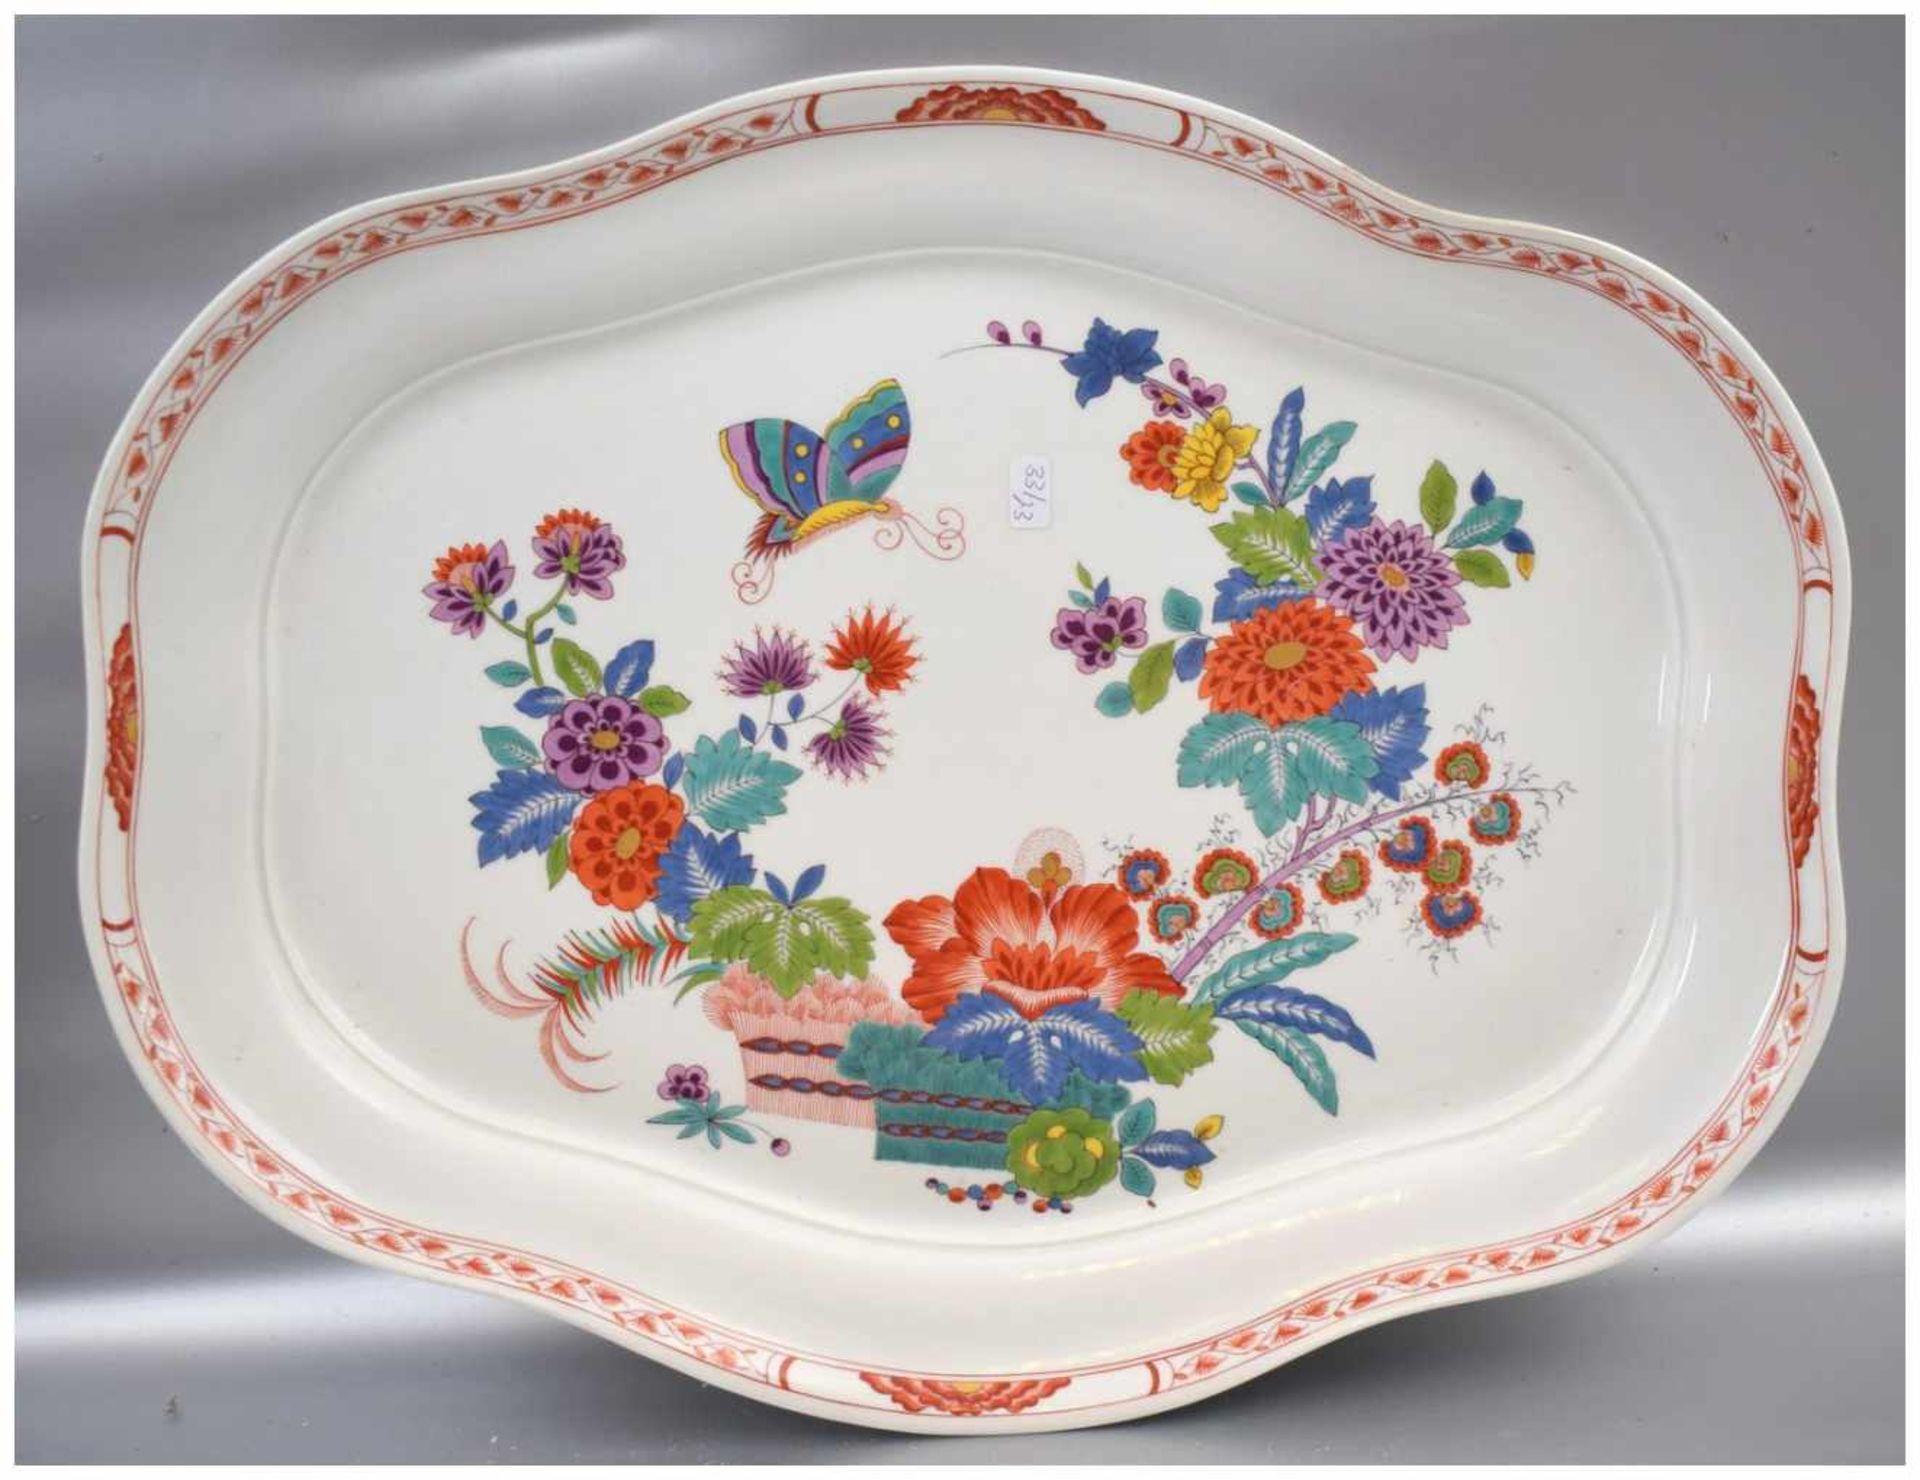 Los 54 - Große Platte oval, rot verzierter Rand, Spiegel mit asiatischen Blüten und Schmetterlingen bemalt,